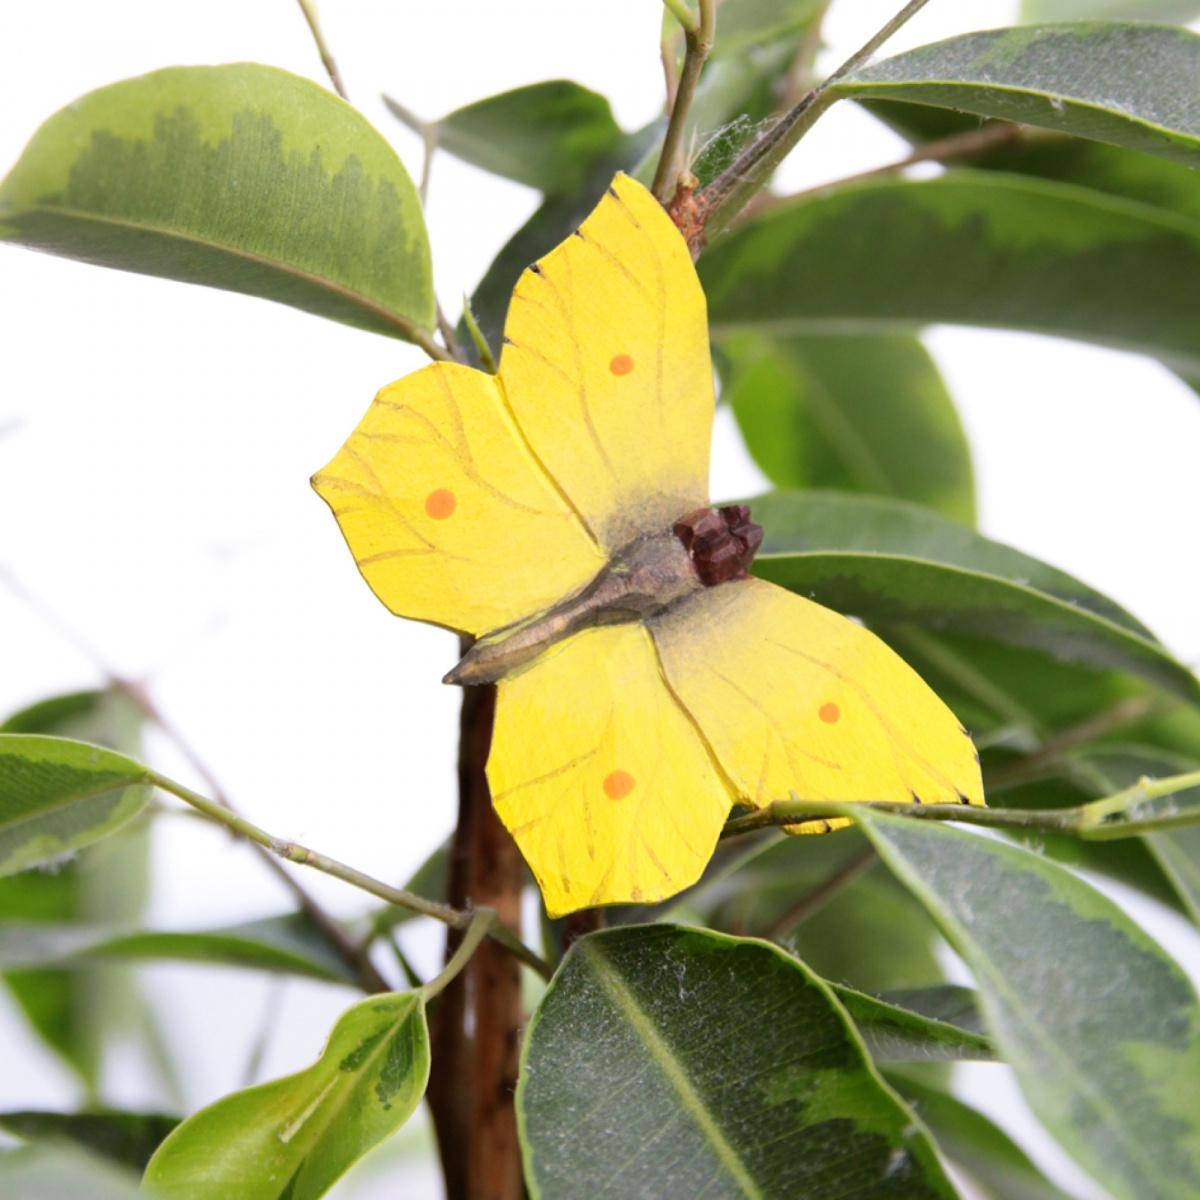 Wildlife Garden sommerfugl - citronsommerfugl